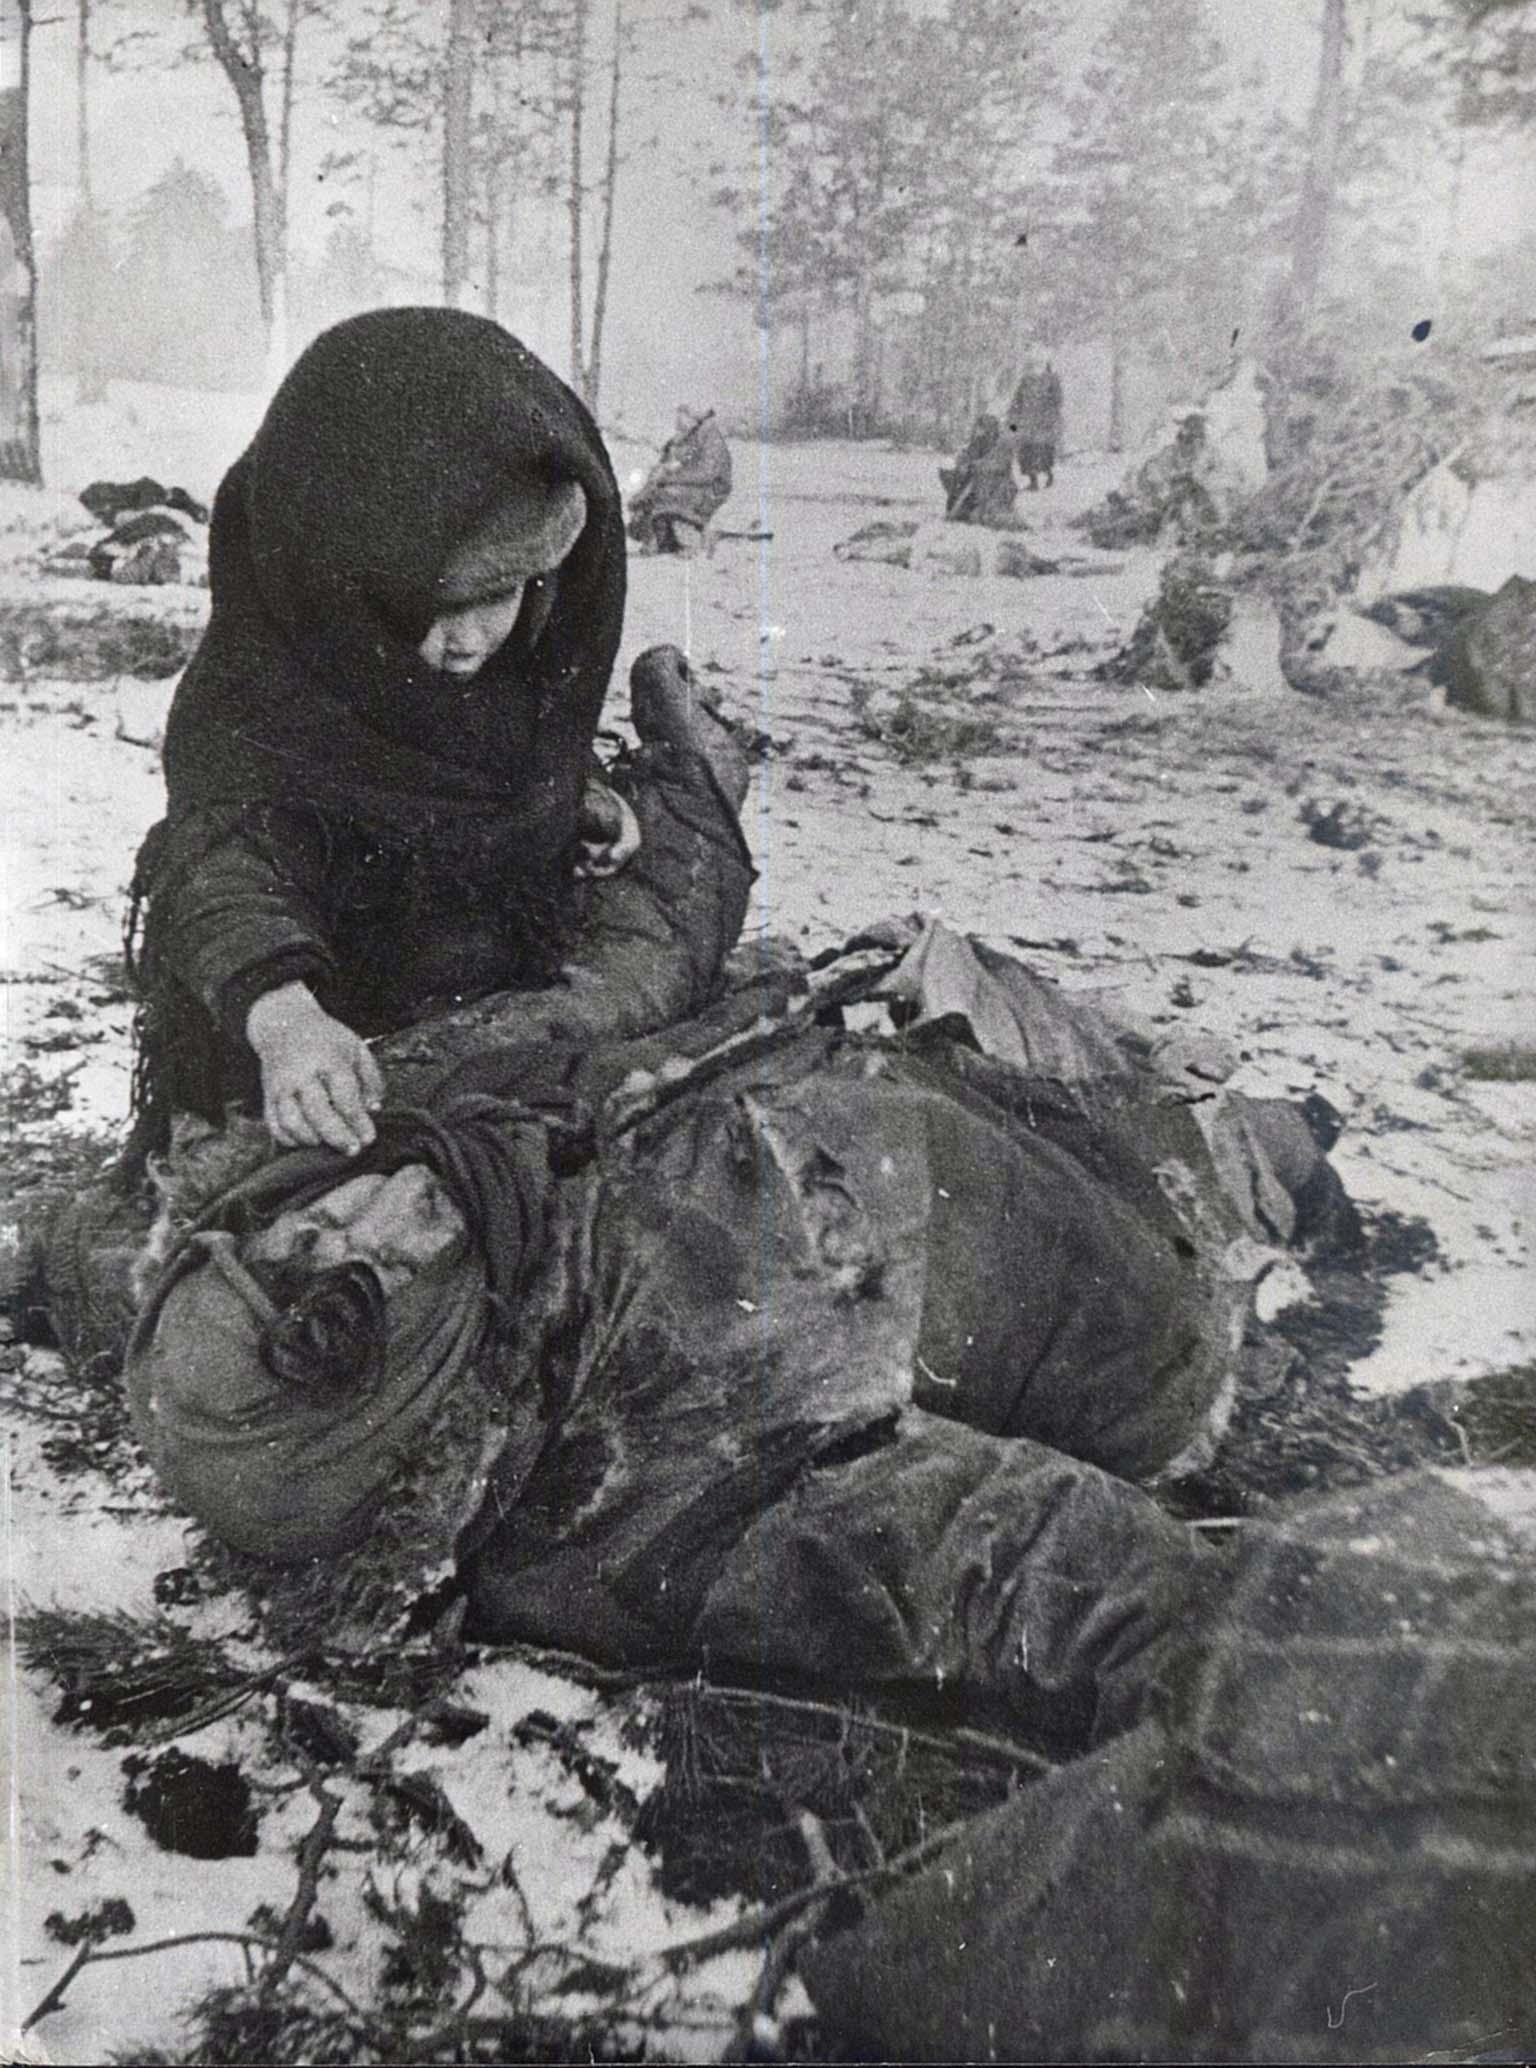 1944. Ребенок рядом с убитой матерью в «Озаричском лагере смерти»